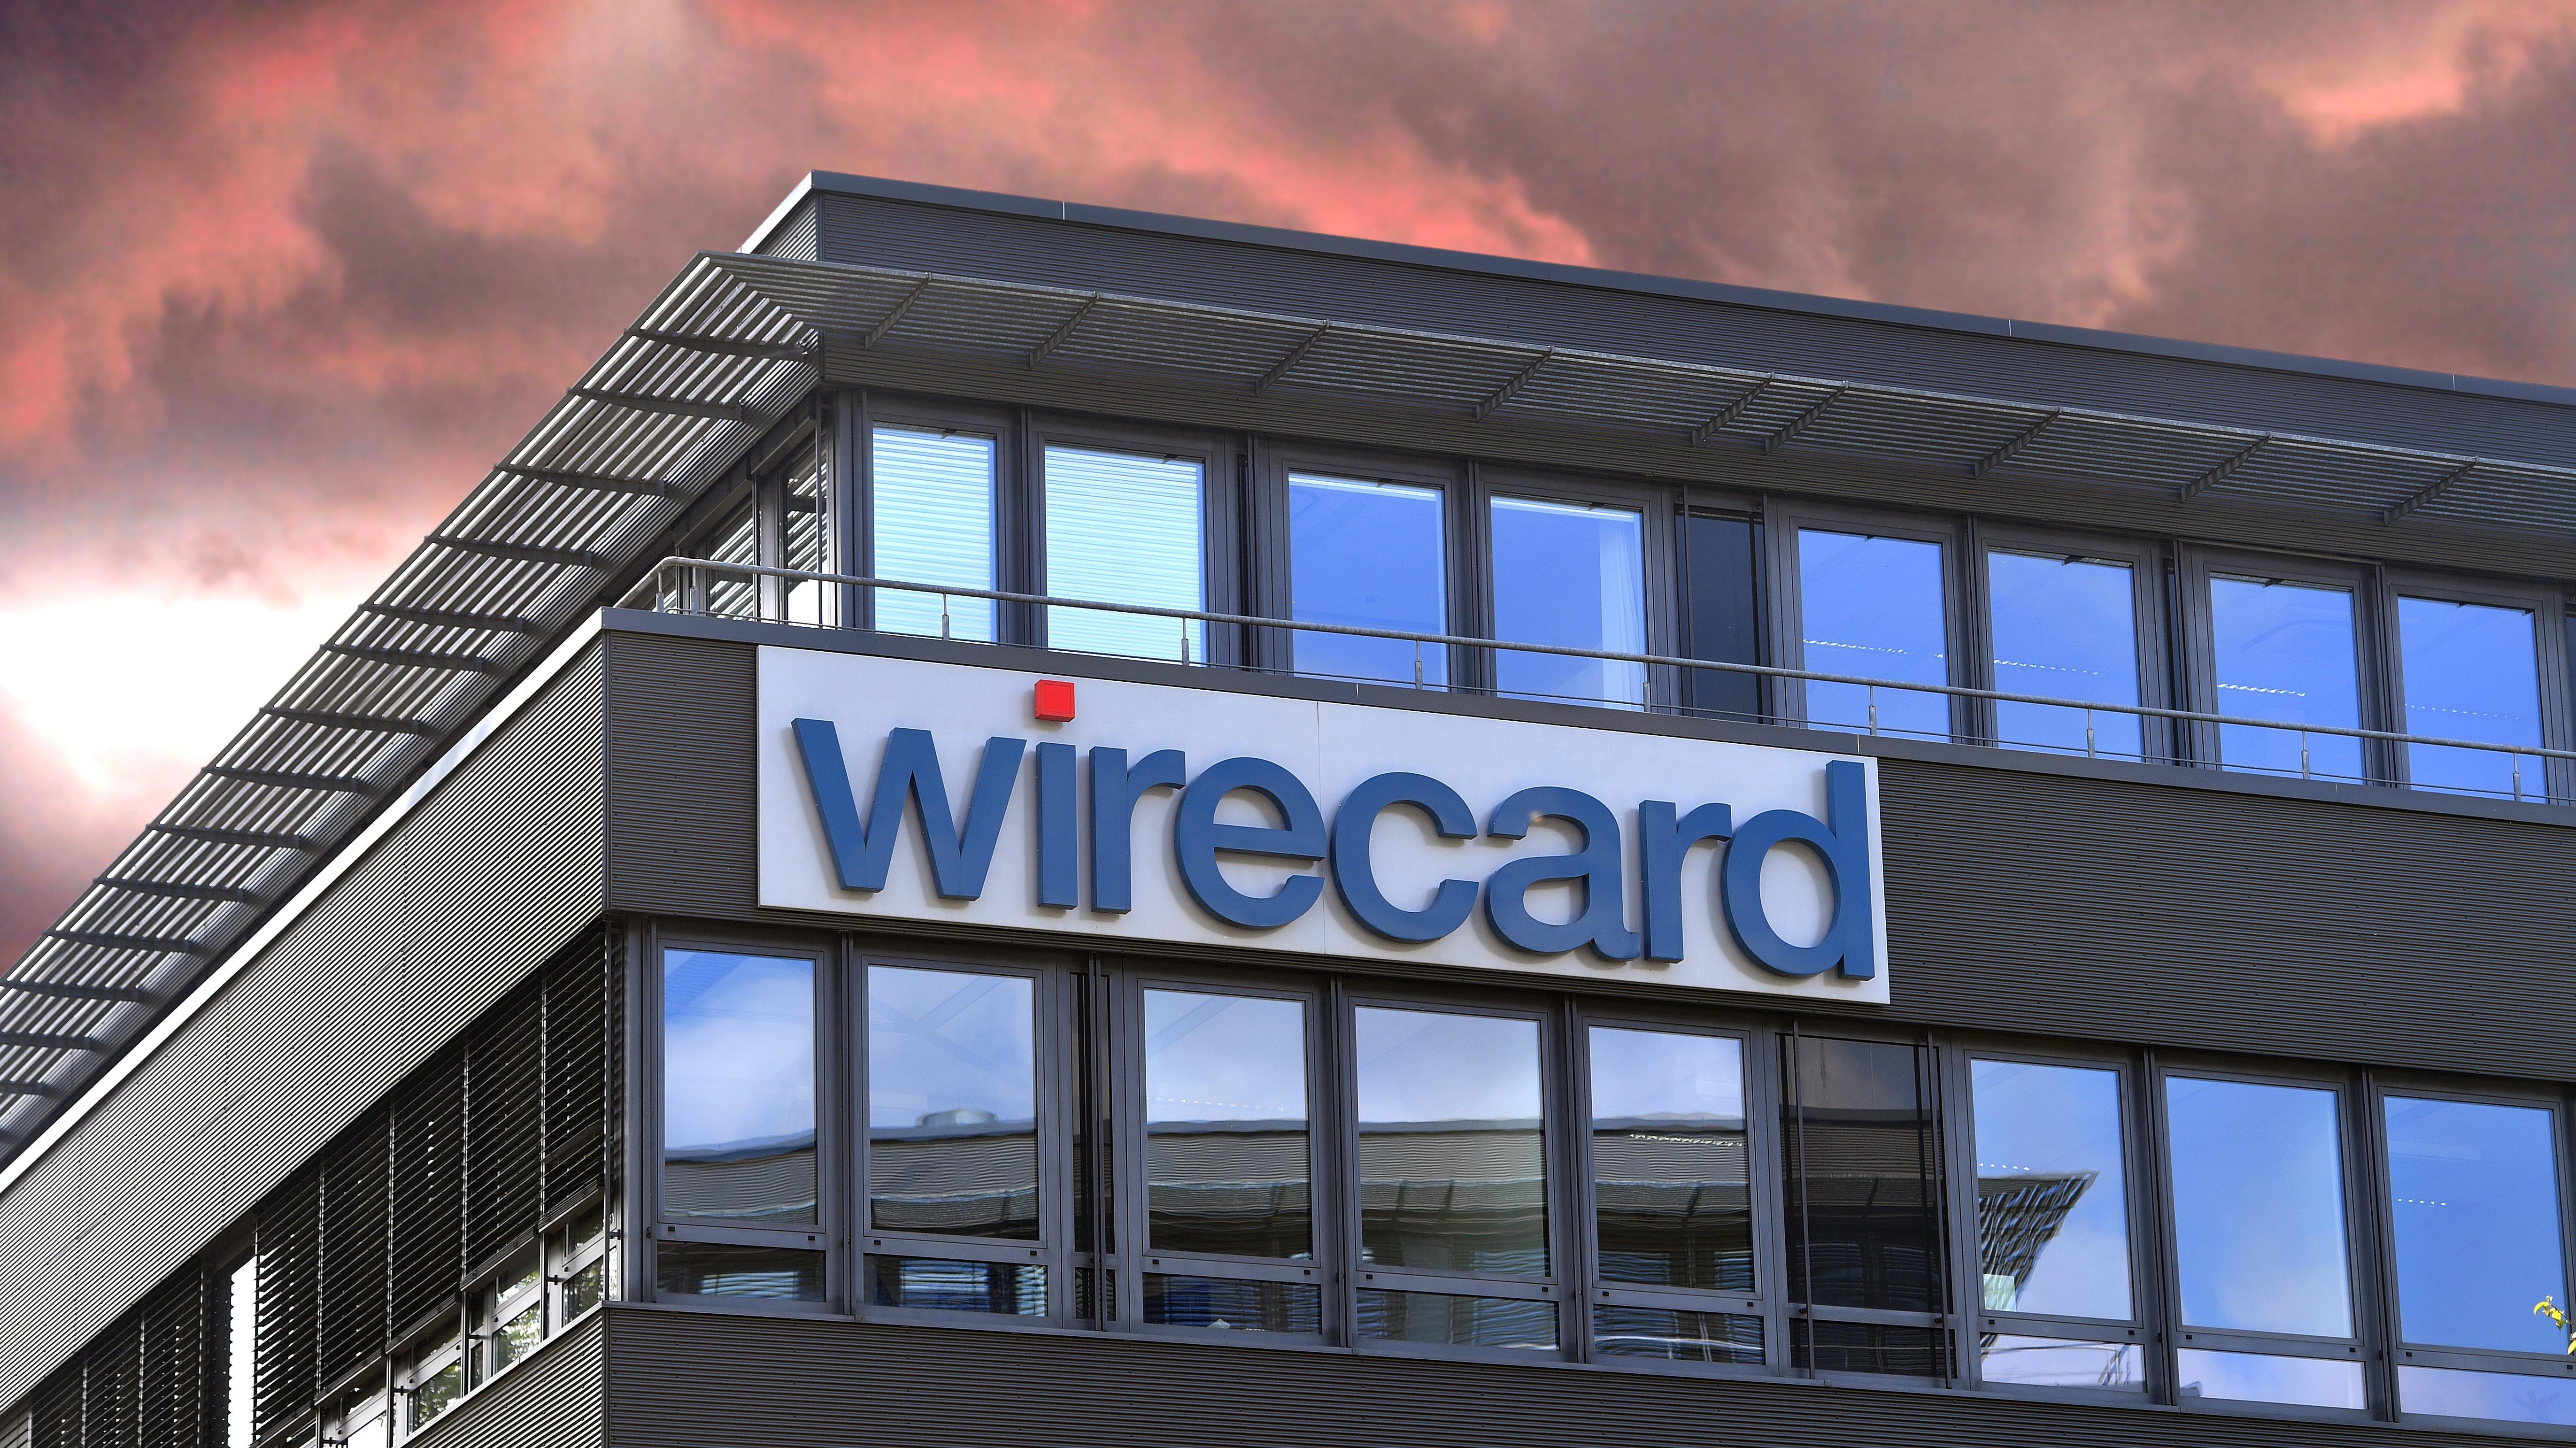 Die Wirecard AG ist ein börsennotiertes und weltweit tätiges Technologie- und Finanzdienstleistungs-Unternehmen mit Sitz in Aschheim